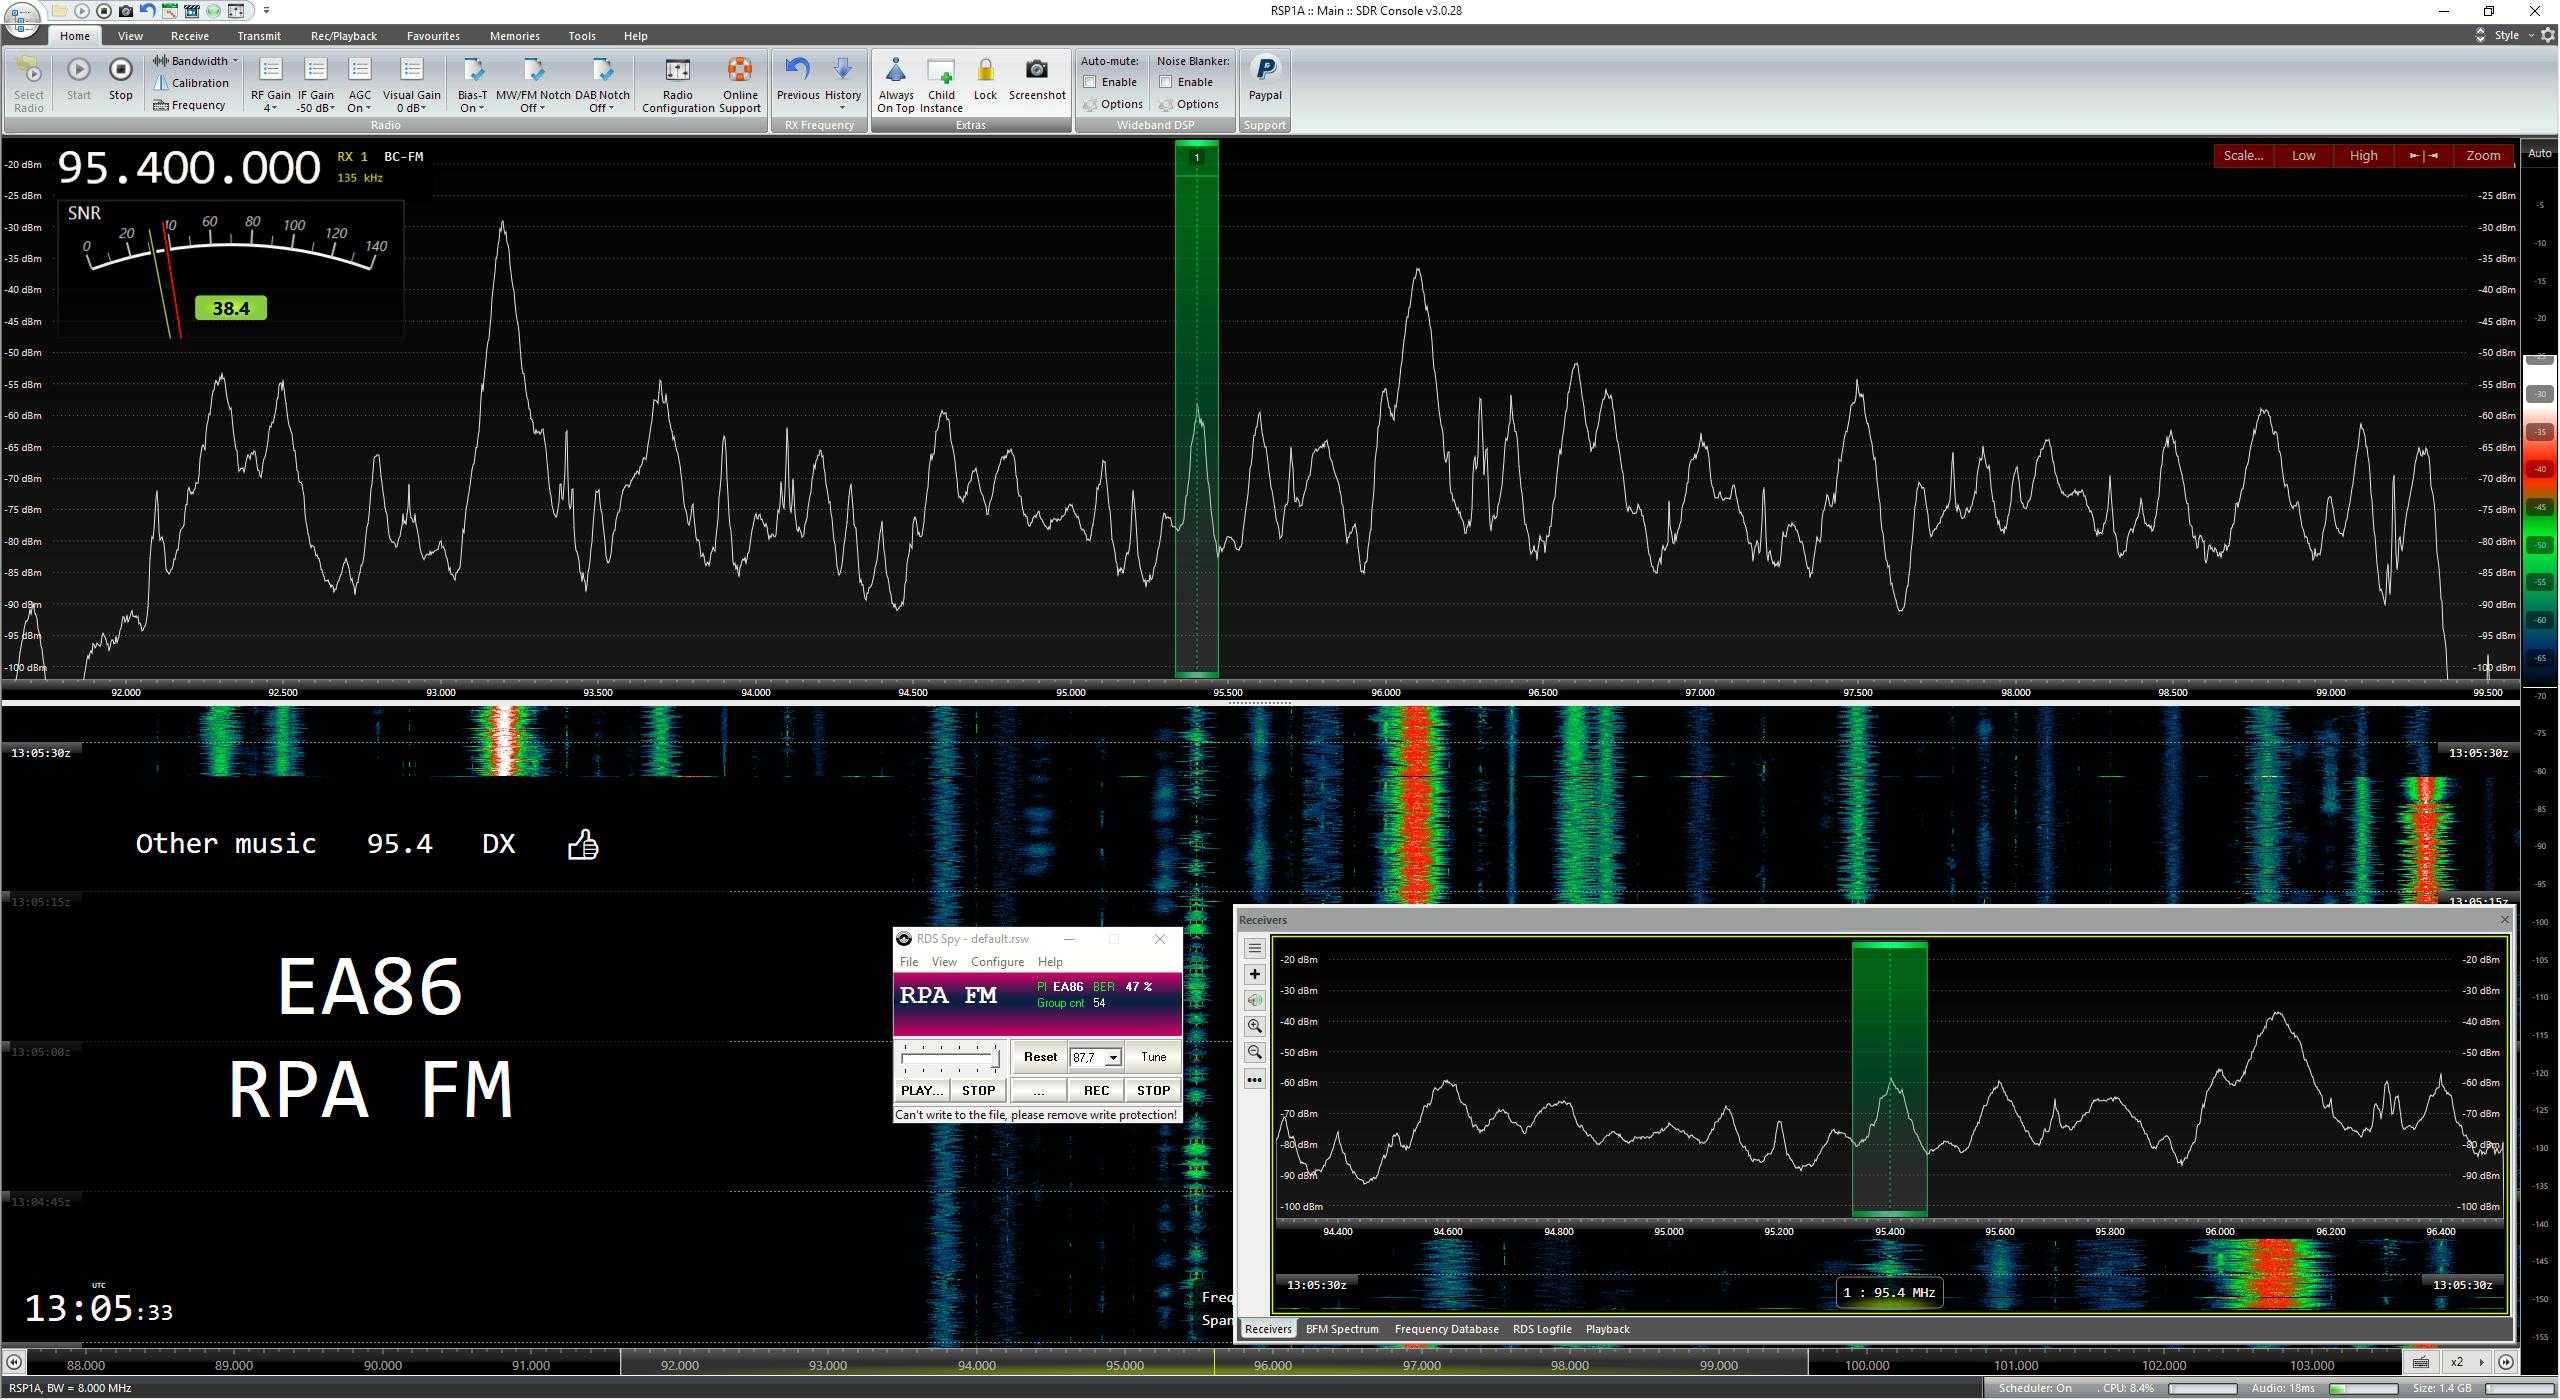 Radio del Principado de Asturias, Boal/Pico Penouta